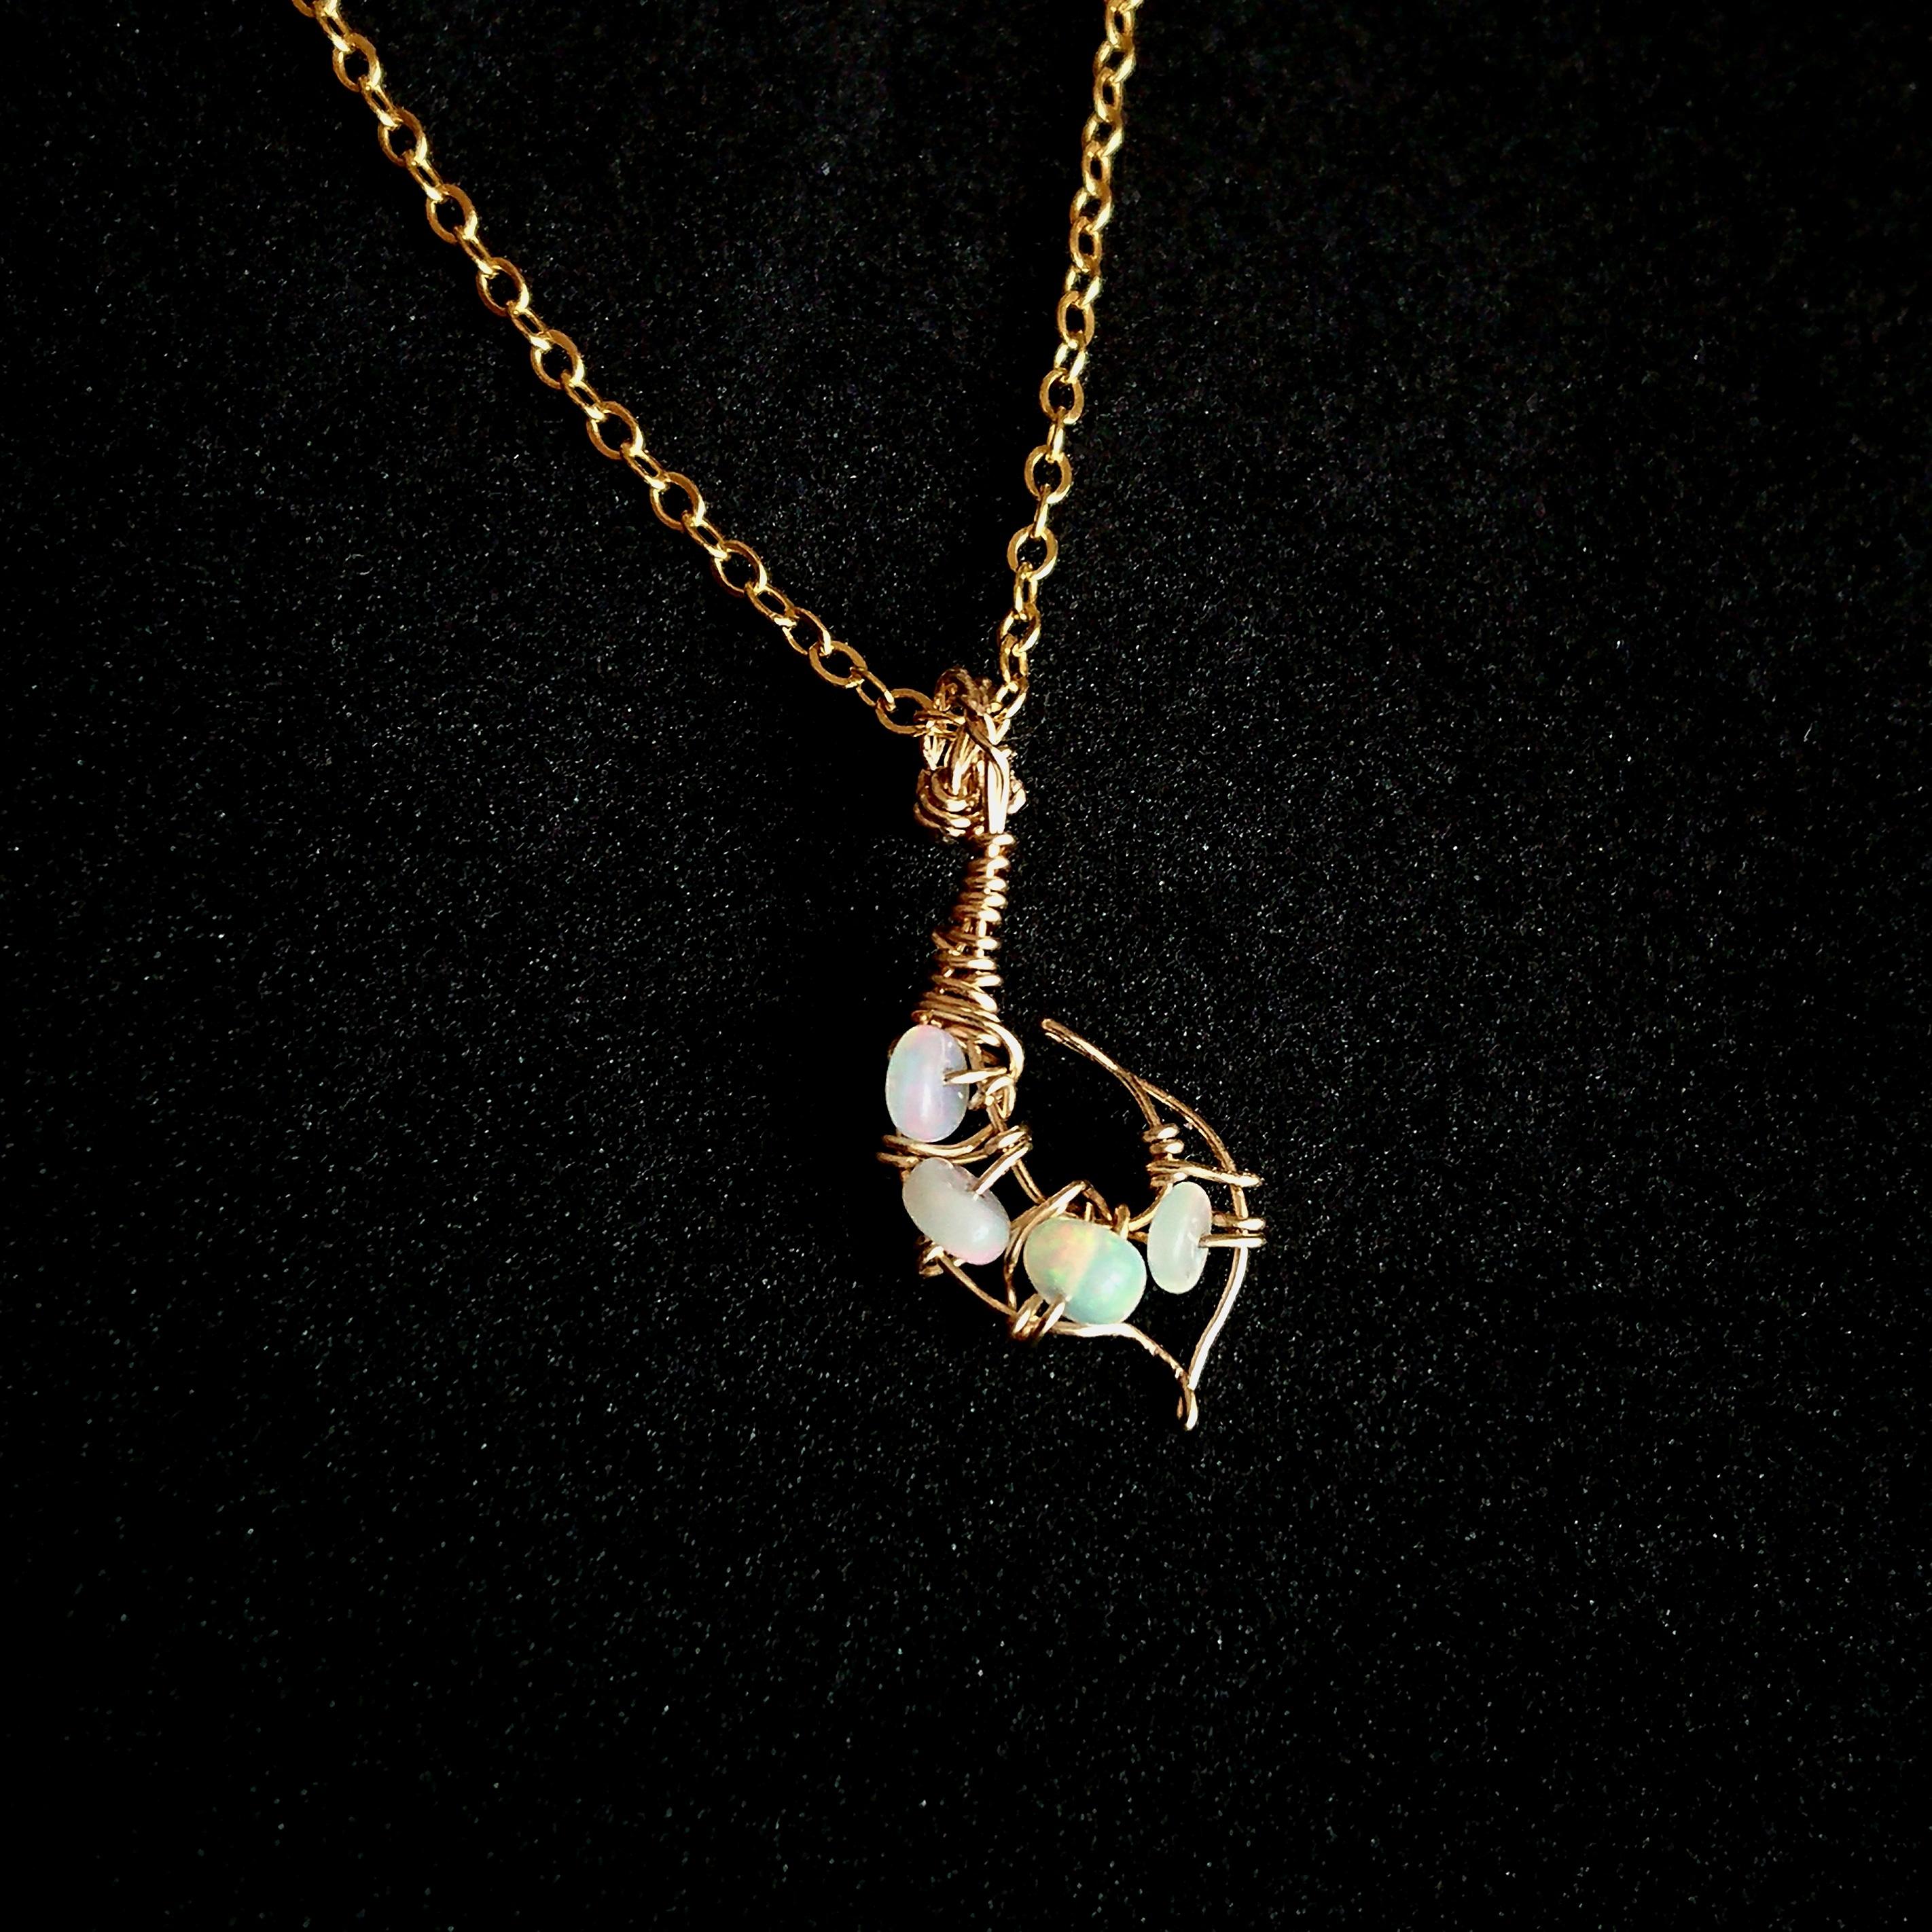 母 贈り物 母の日プレゼント 誕生日プレゼント ネックレス おまもり オパール